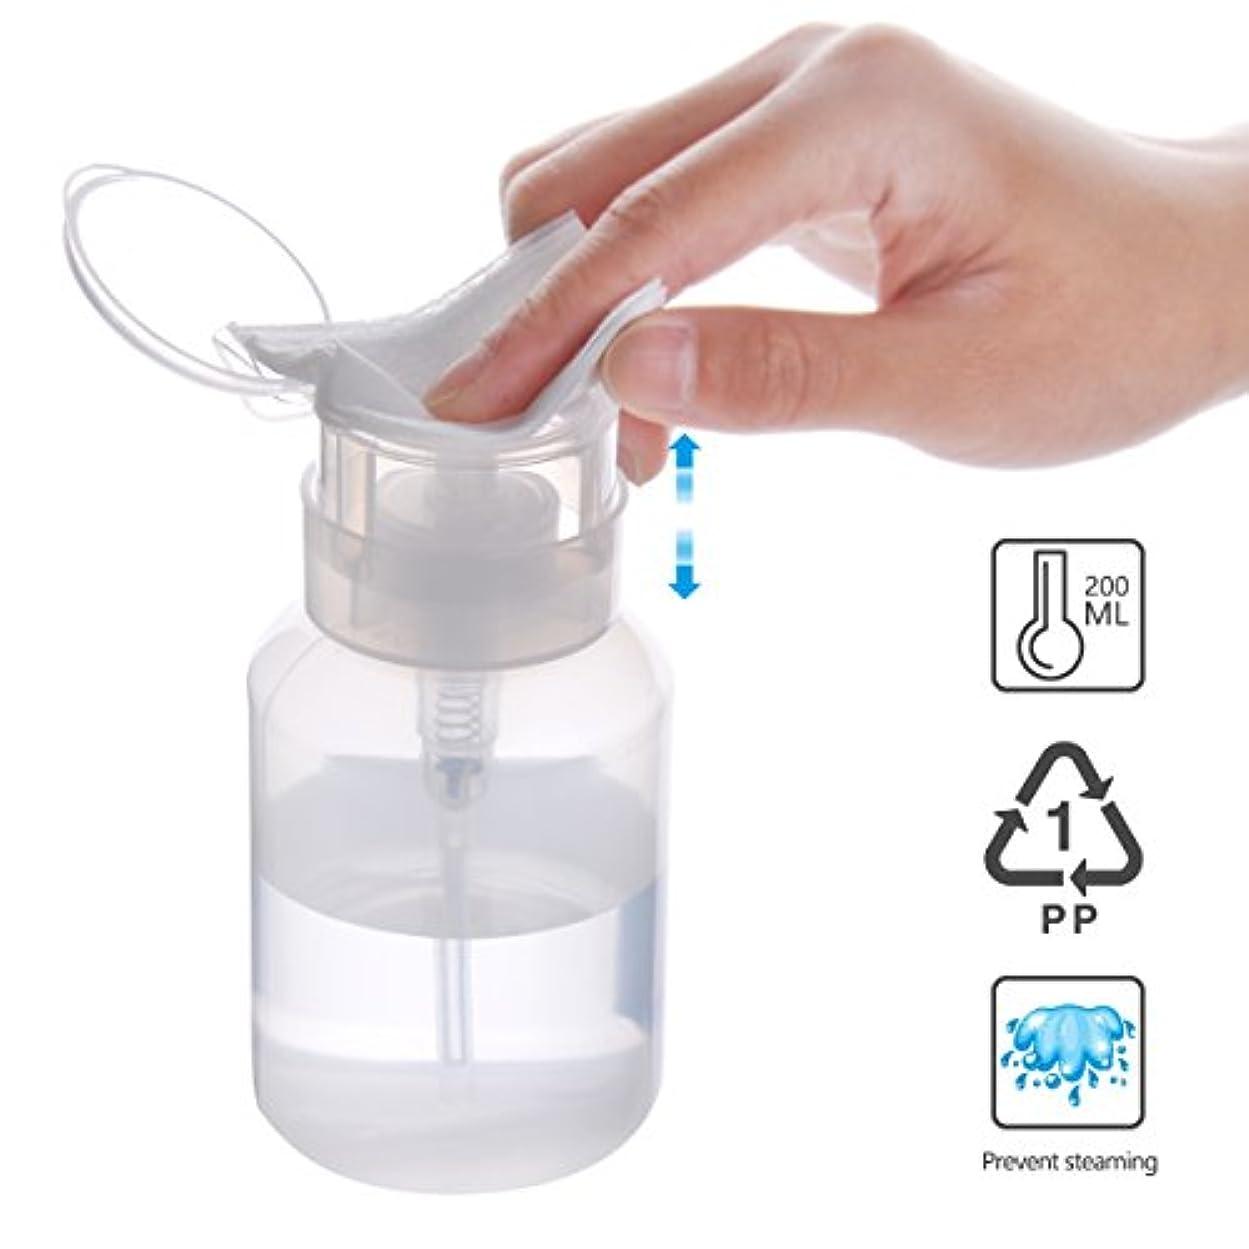 いらいらする回想フェリーBiutee 200 mlリットル空ポンプ ボトル 2個入り ネイルアートツール ネイル道具 ネイルケア セット ネイルケア用品 ネイル ジェル (ネイルブラシホルダー)